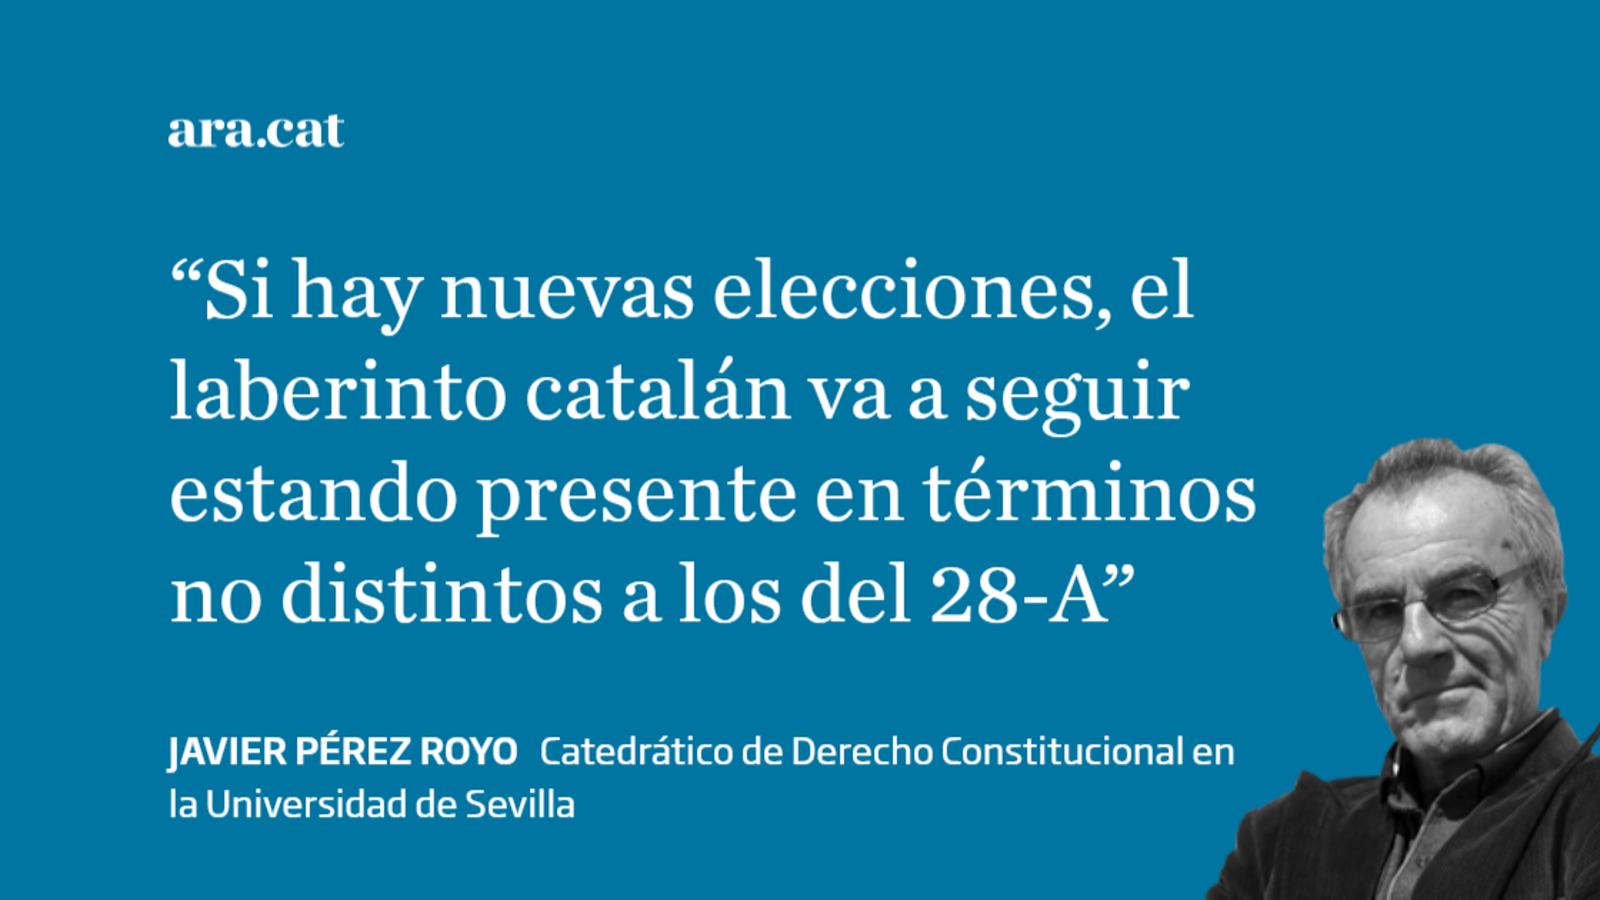 El laberinto catalán de Pedro Sánchez